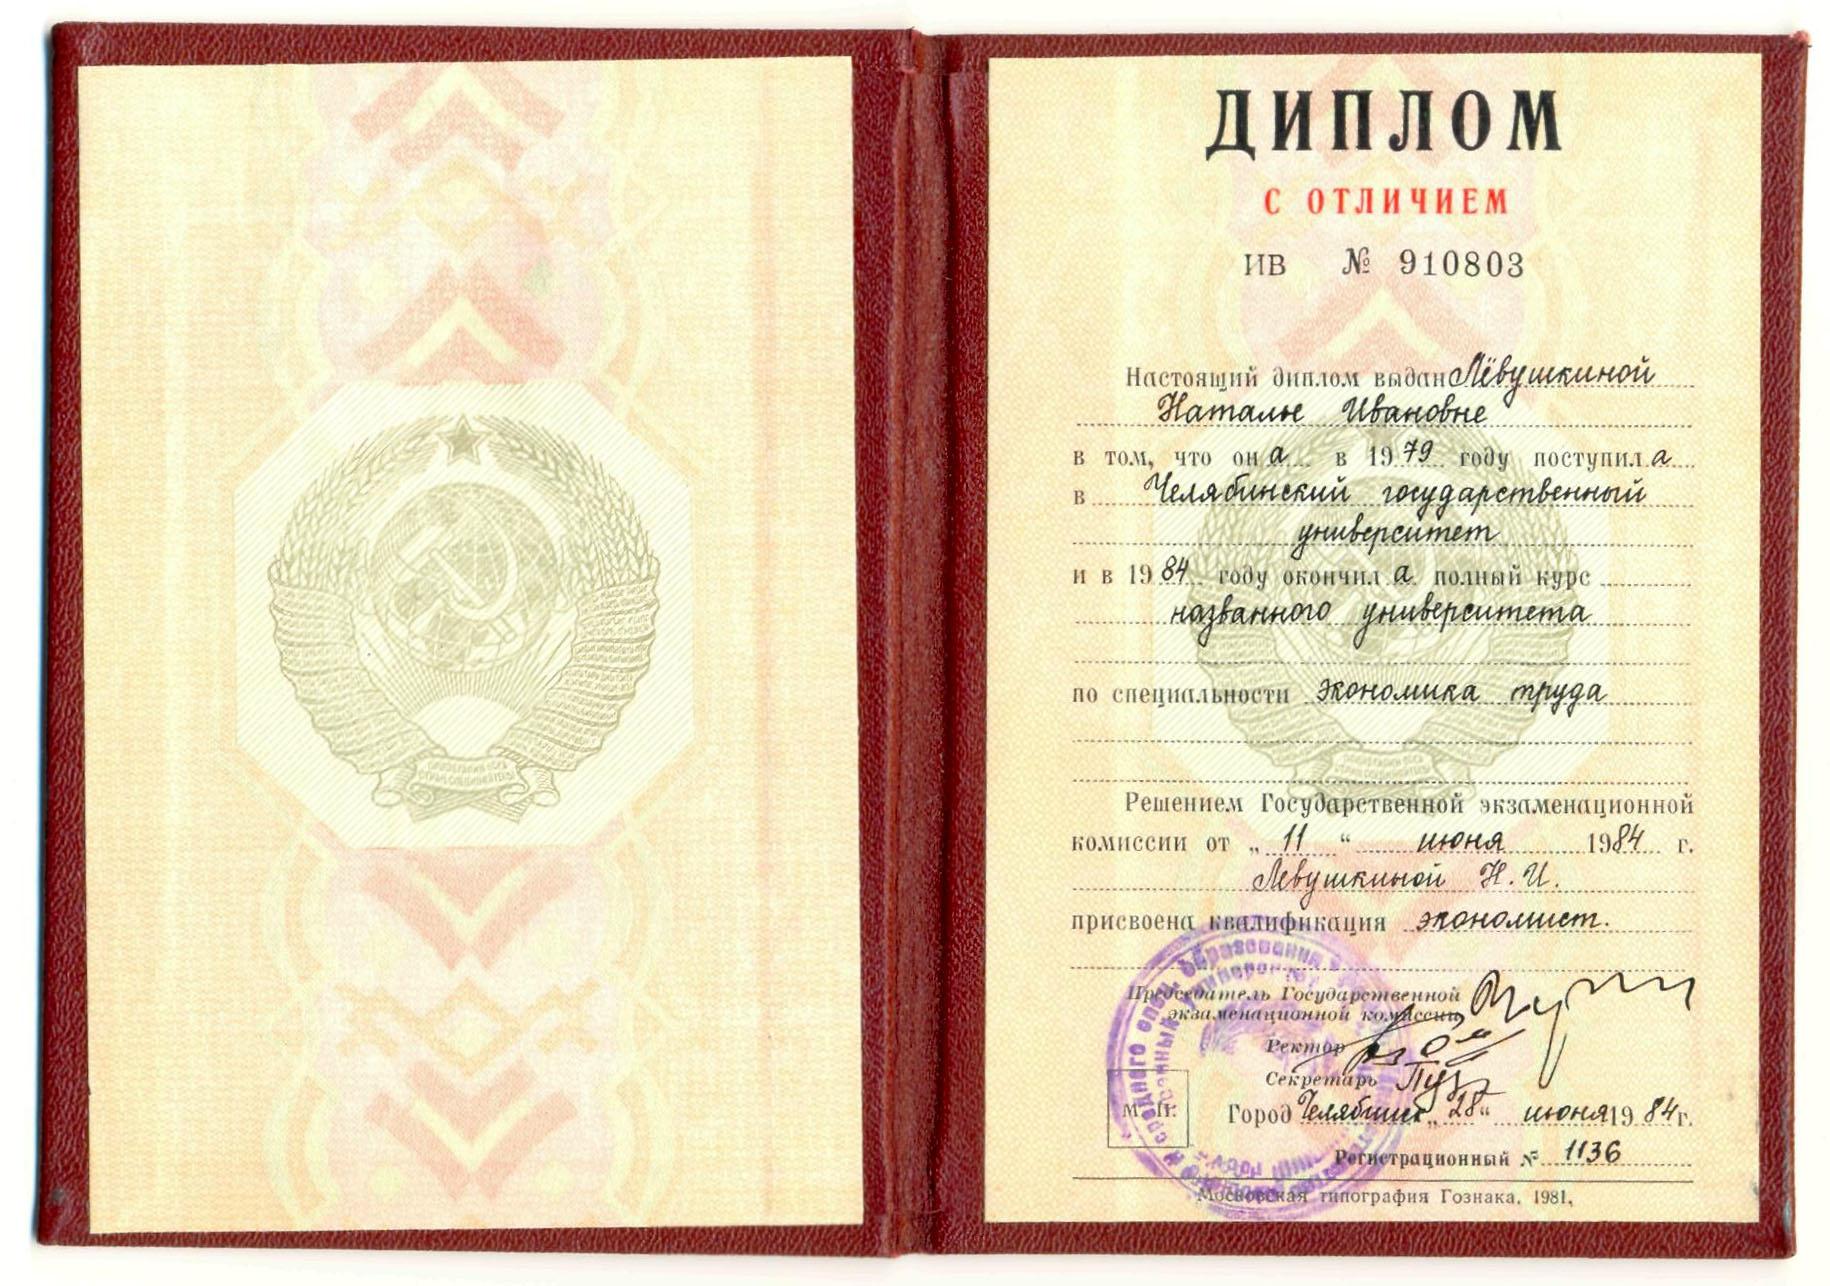 Диплом о высшем образовании НИ, 1984